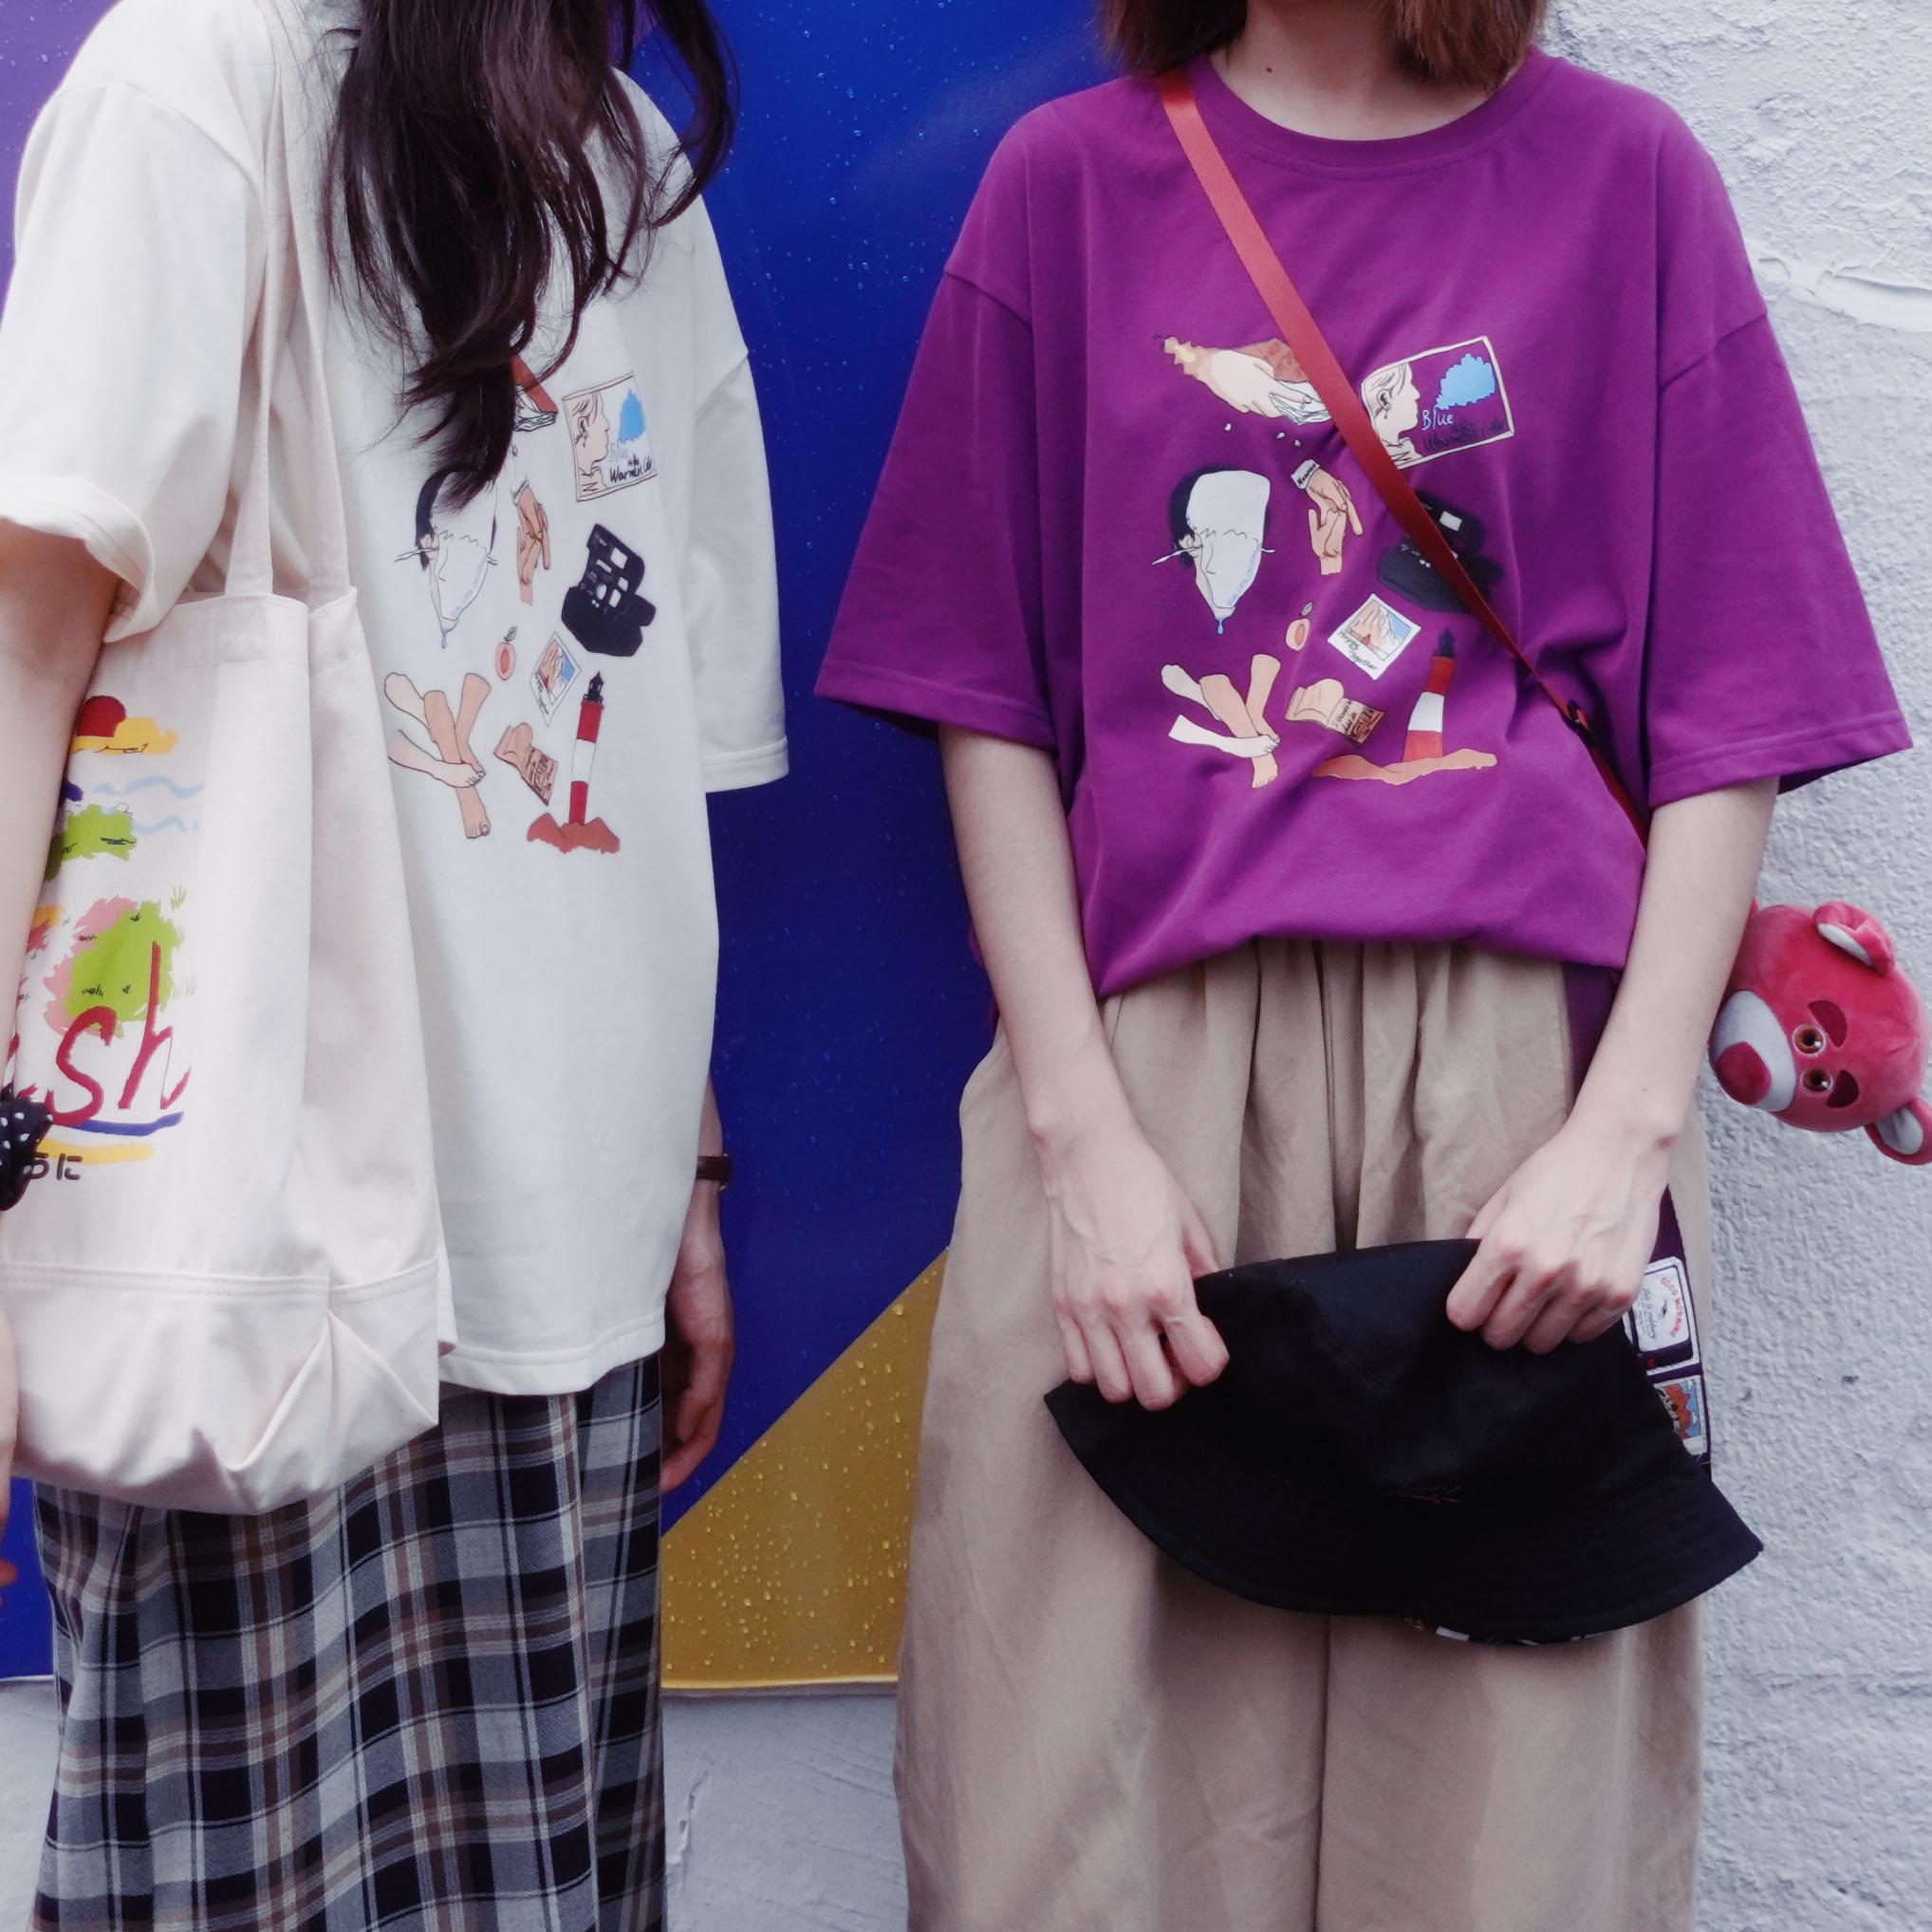 三号黑店 电影周边原创插画紫色纯棉柔软磨毛短袖T恤 20/06彩虹